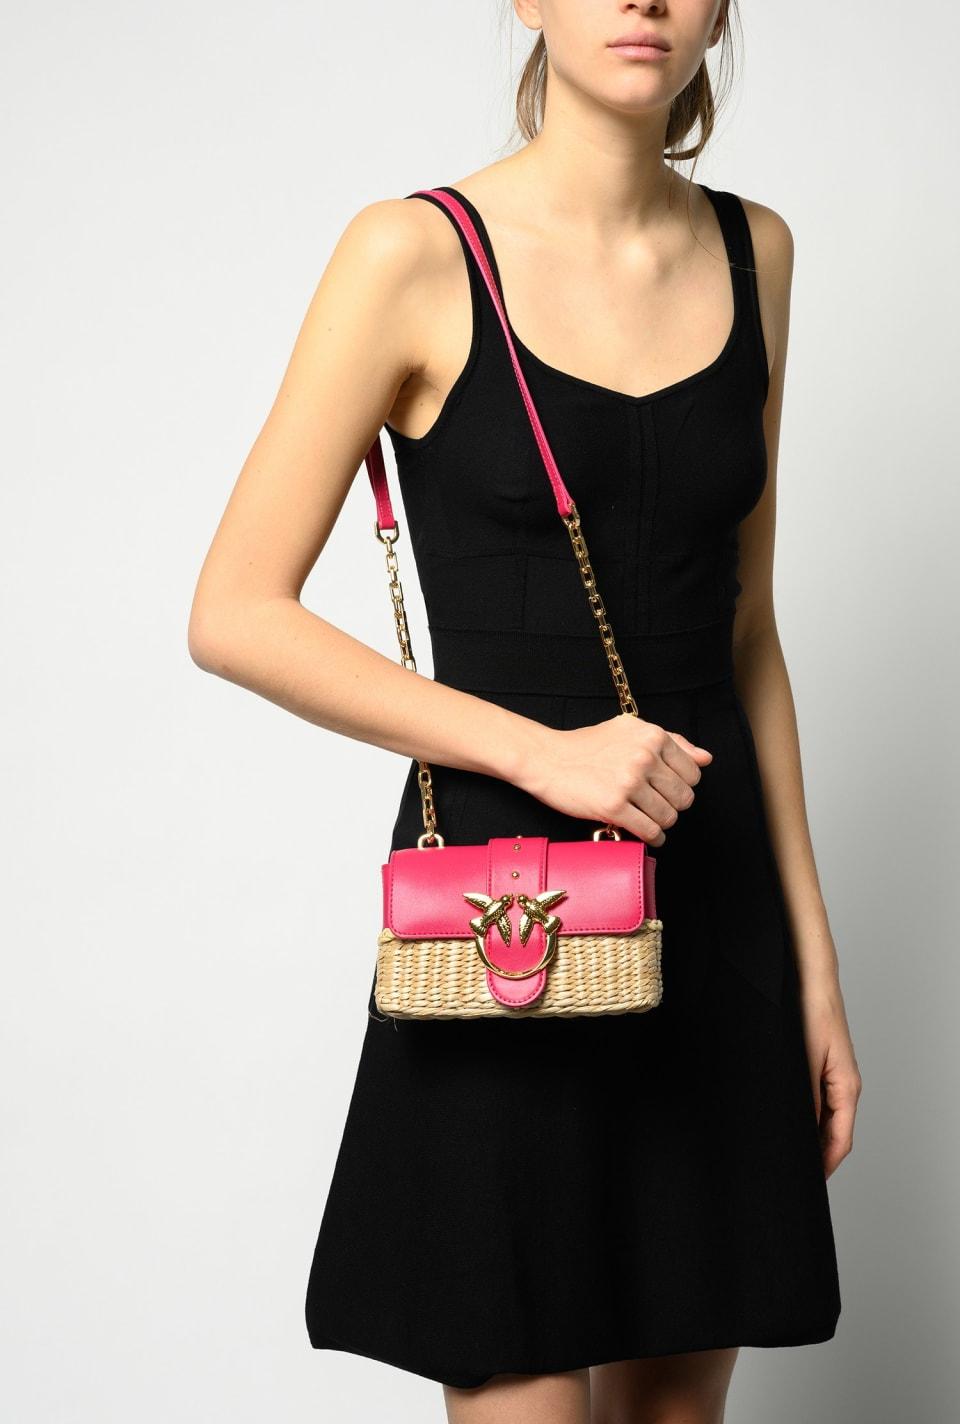 Mini Love Bag Icon en moelle de rotin - Pinko